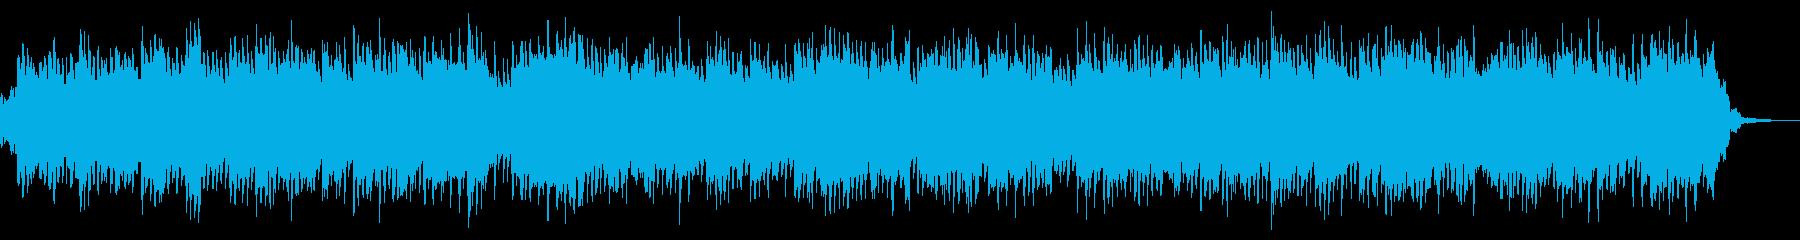 テレビショッピング/爽やか、シンプルの再生済みの波形